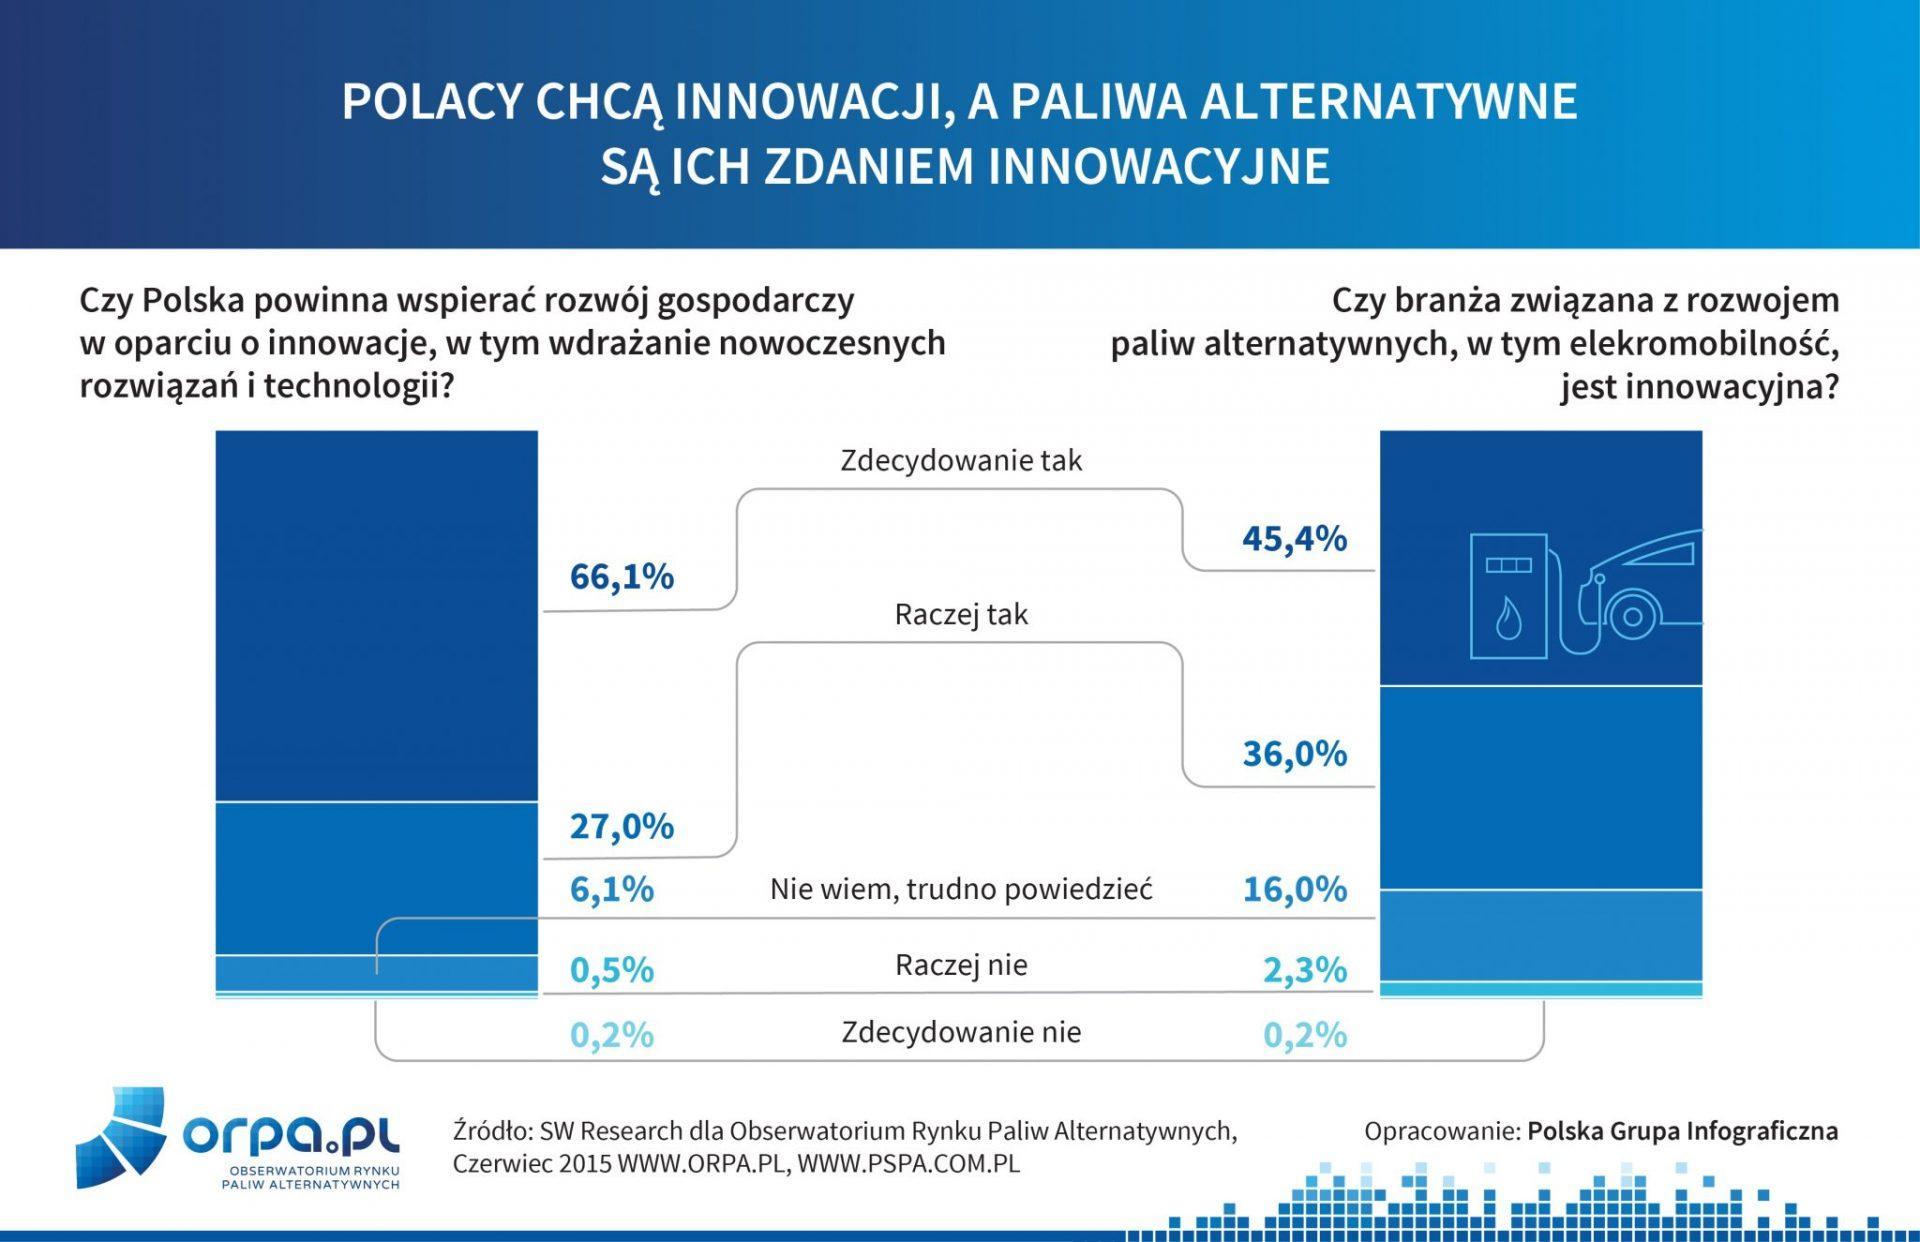 Czy Polska powinna wspierać rozwój technologii innowacynych. Czy branż paliw alternatywnych jest innowacyjna?